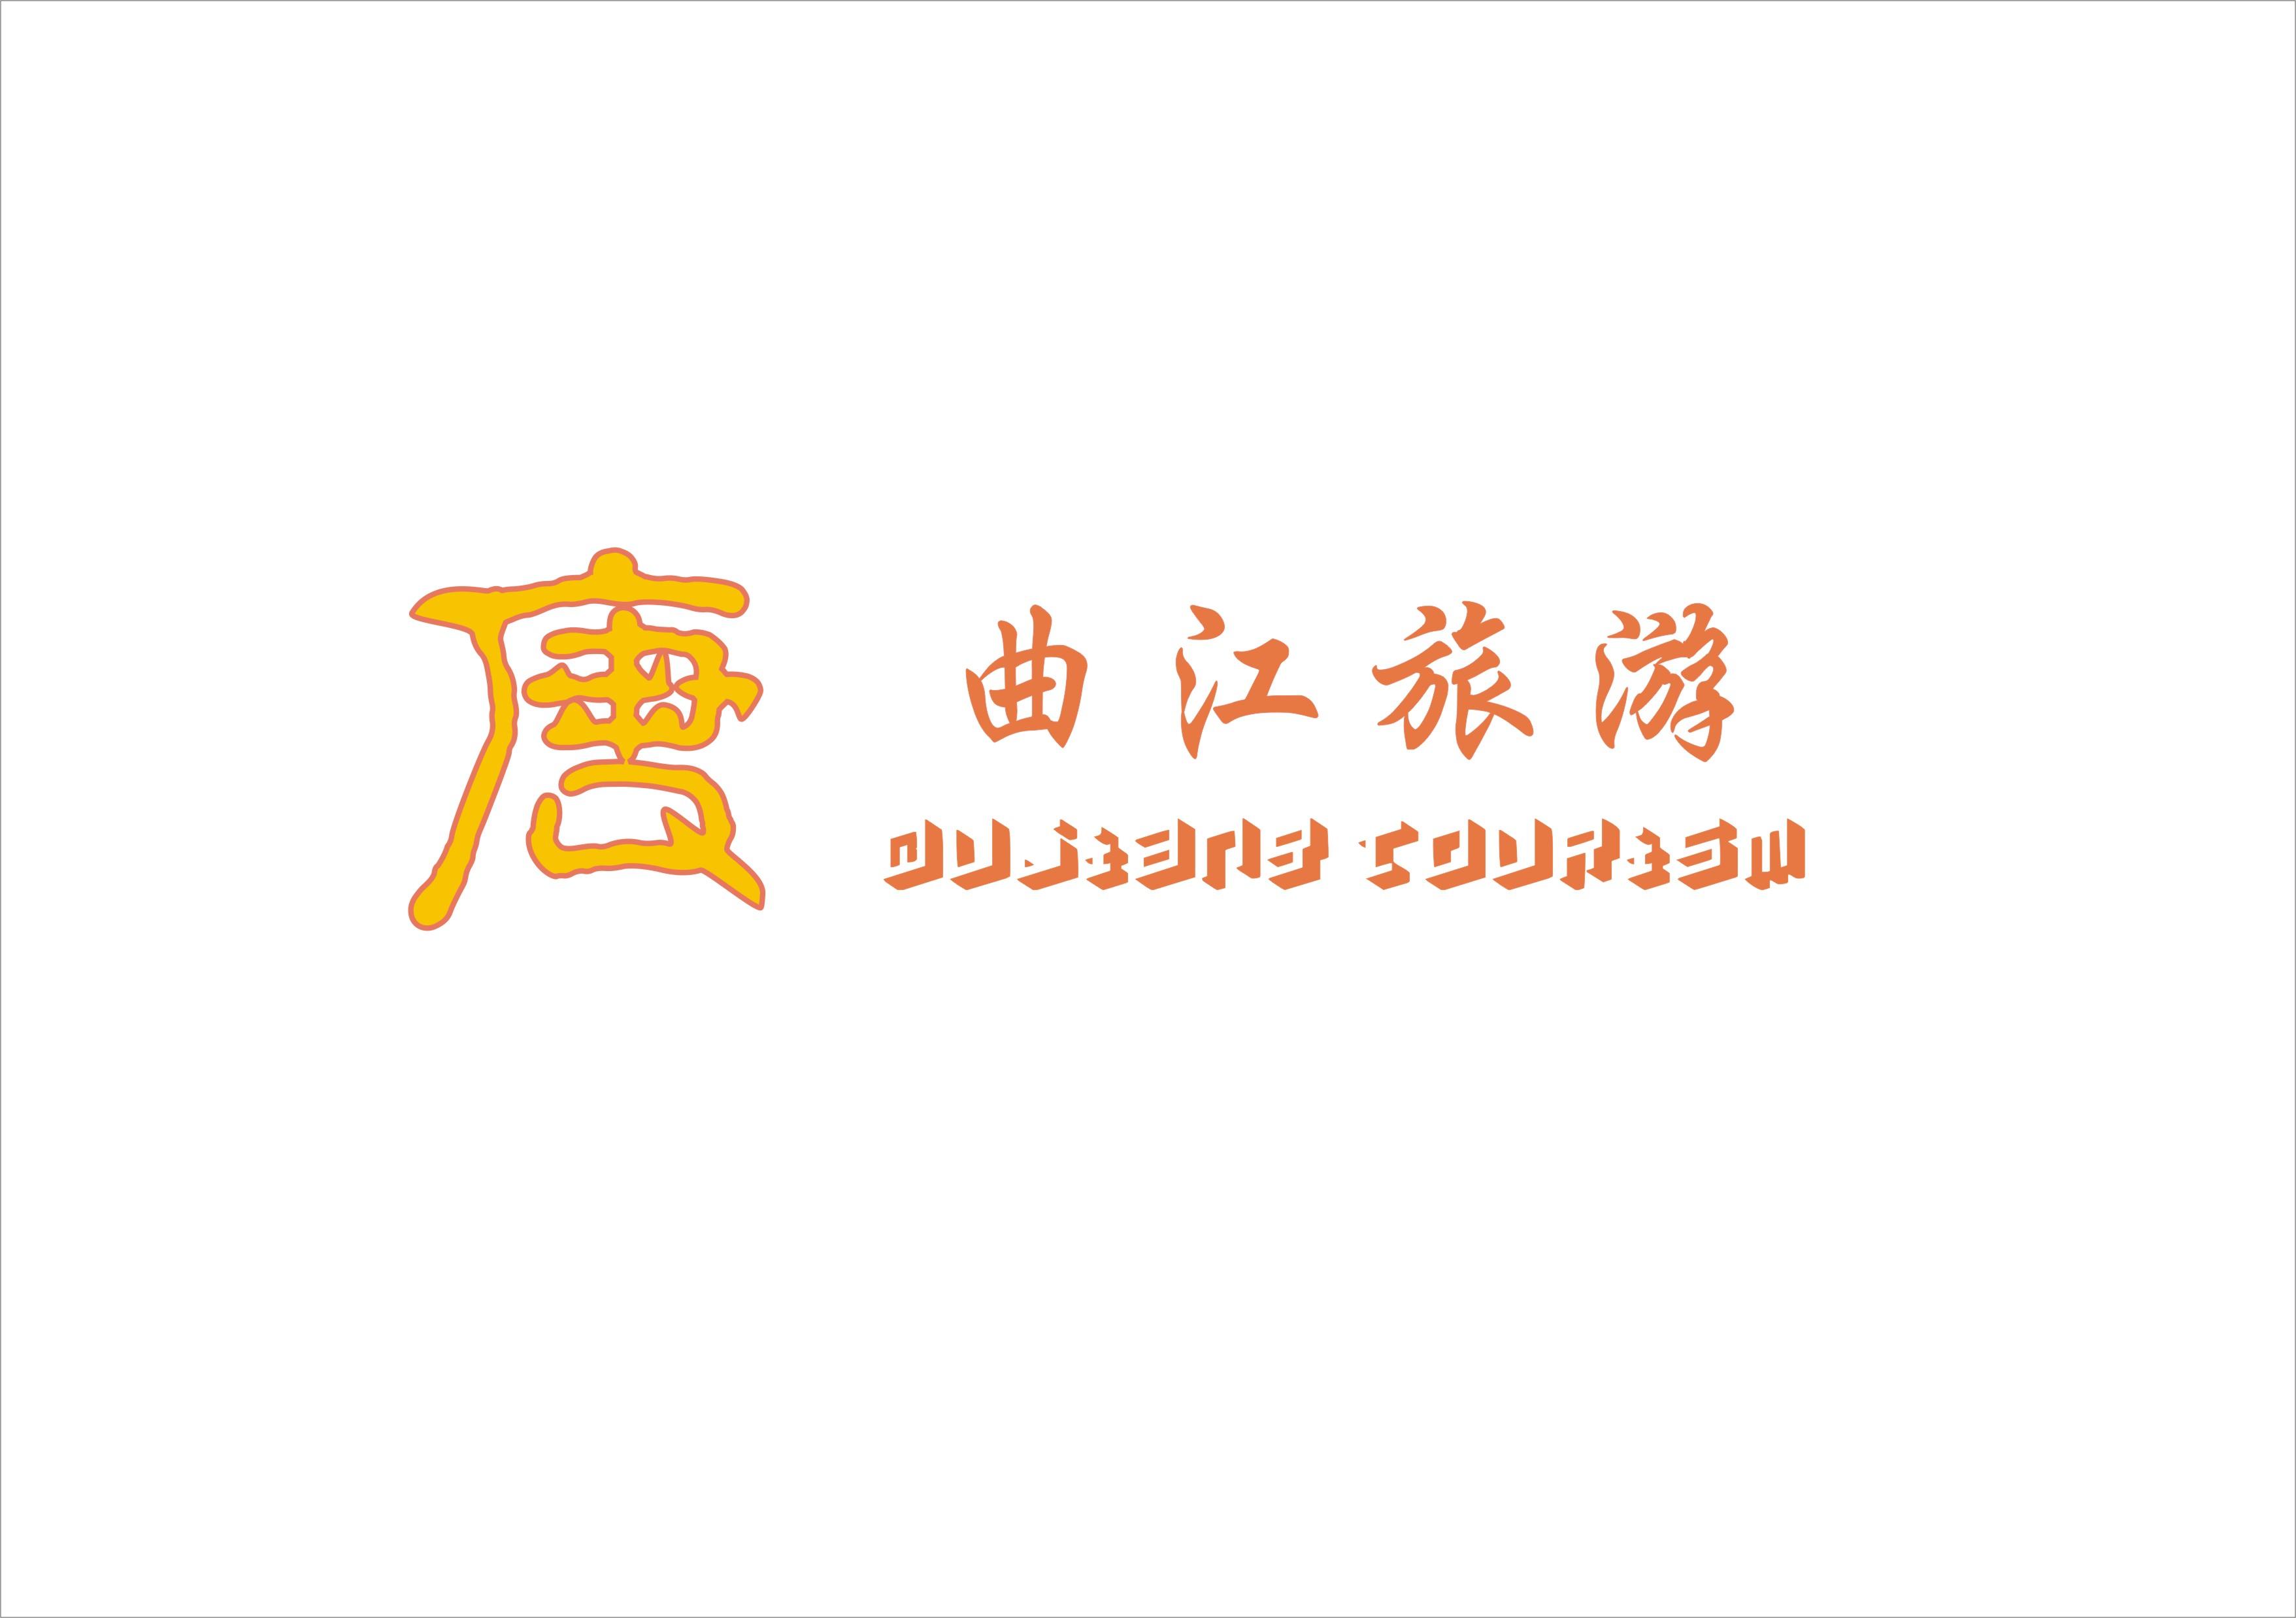 西安曲江文化旅游公司logo设计(紧急)